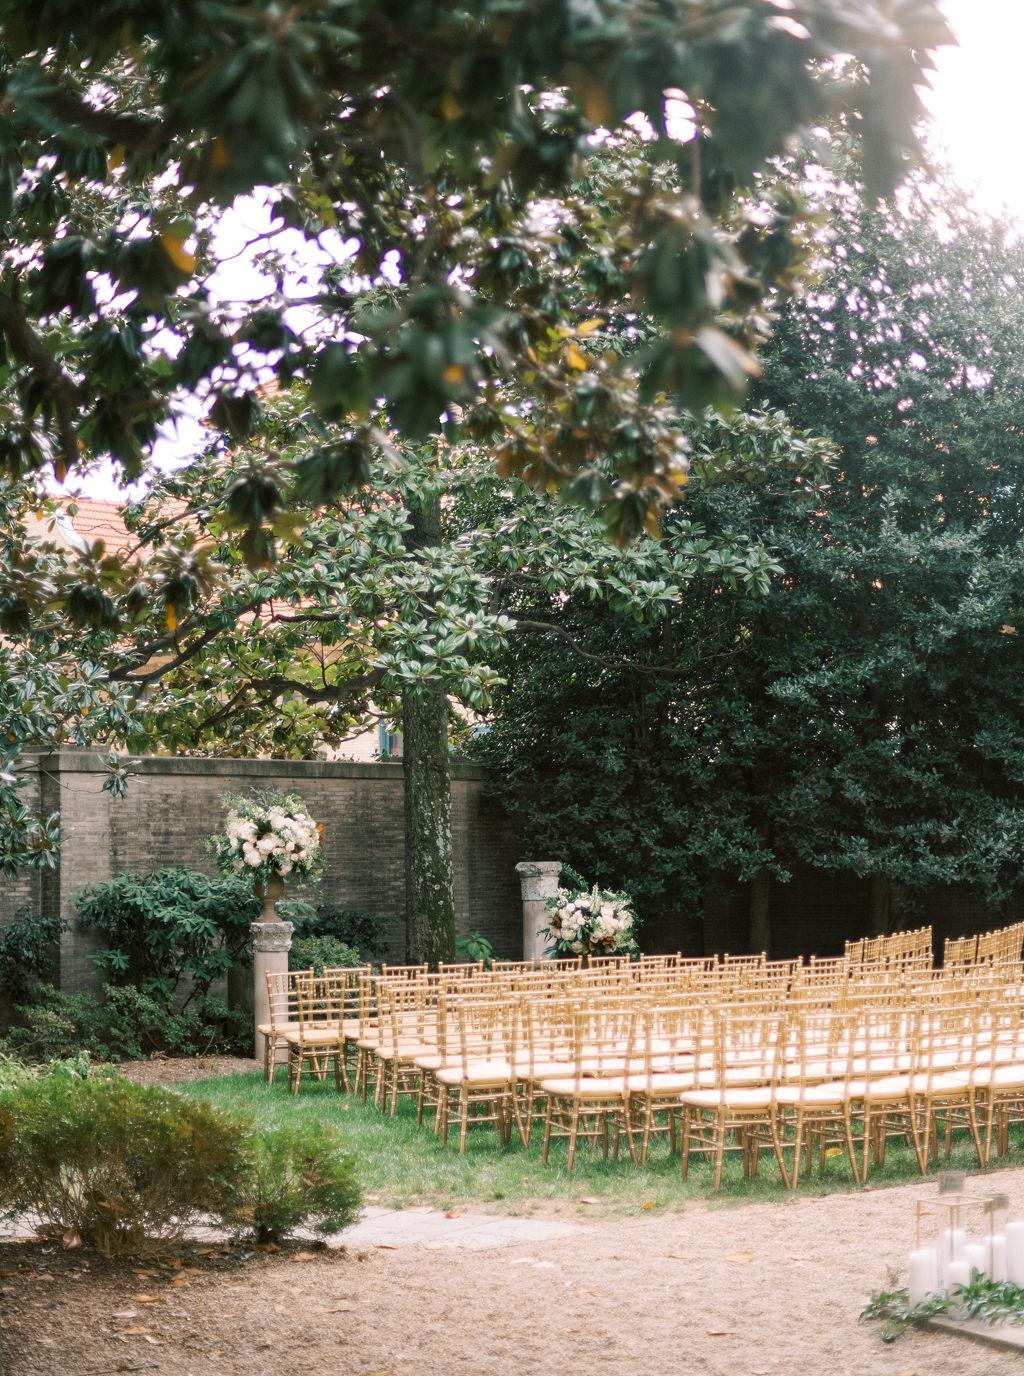 megan henock wedding ceremony location outdoor garden